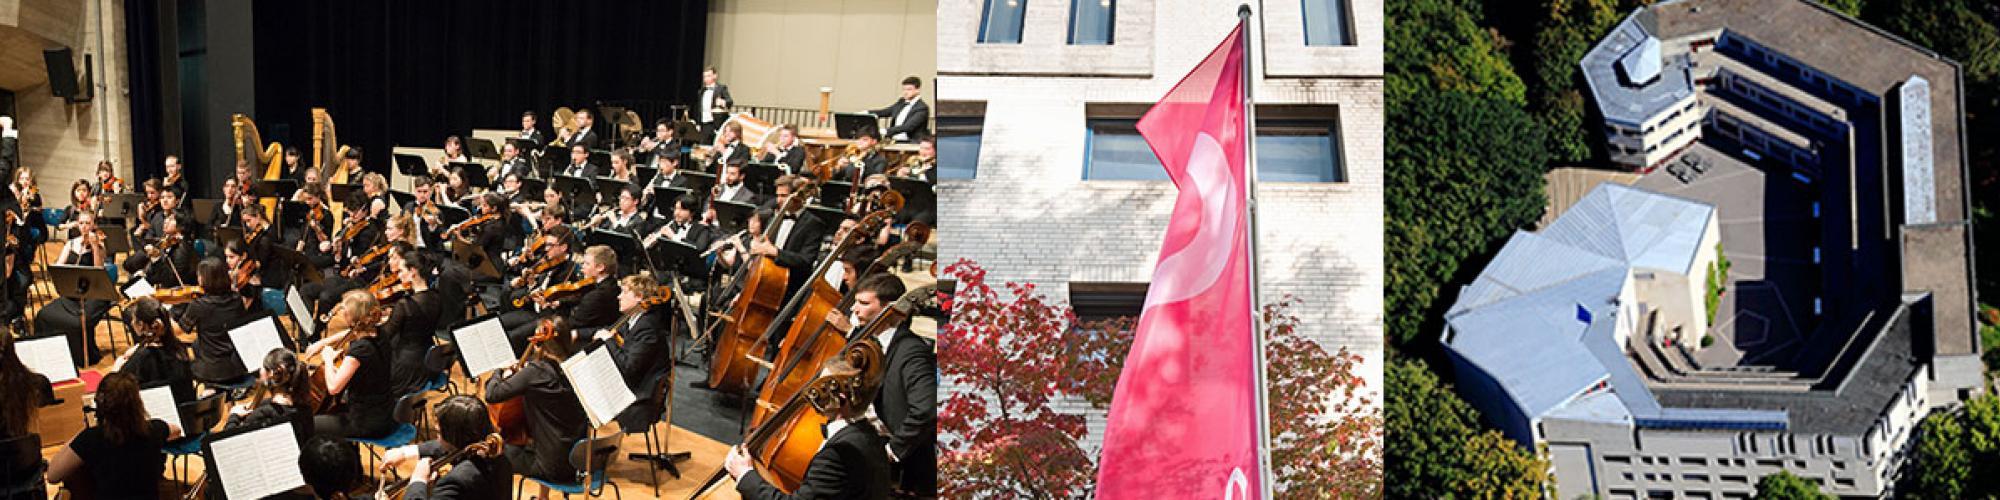 Hochschule für Musik, Theater und Medien Hannover (HMTMH)